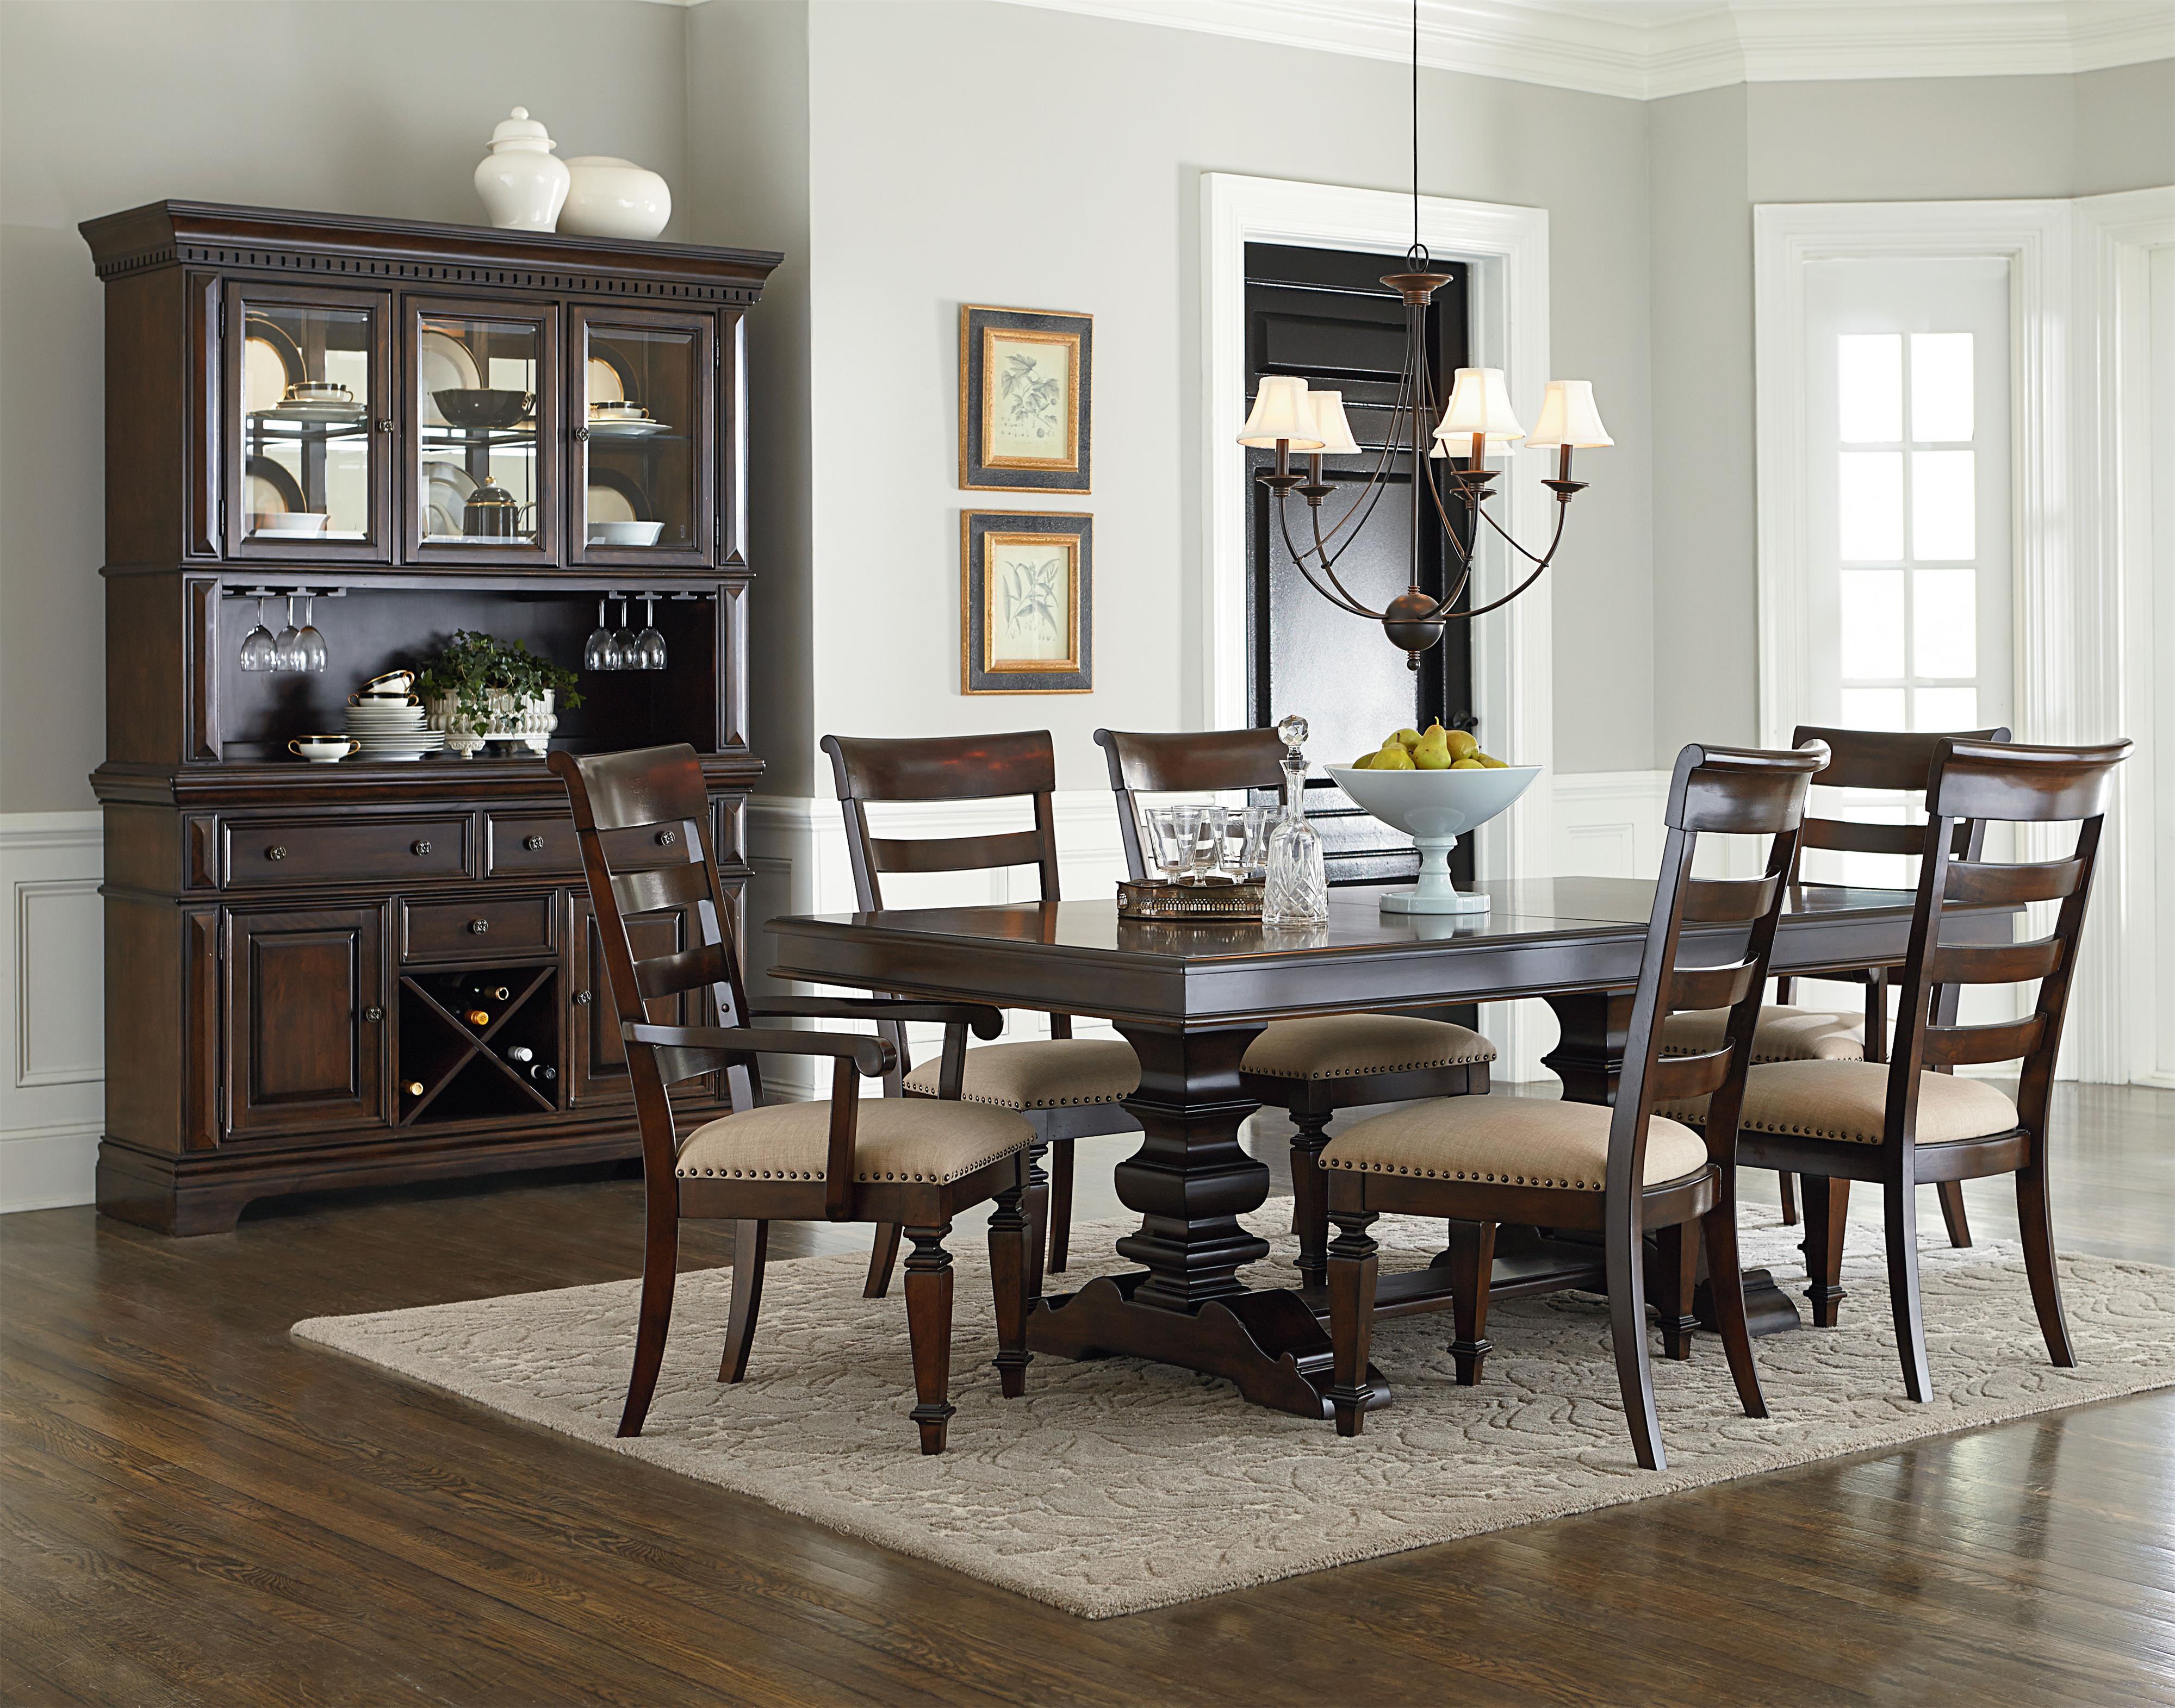 standard furniture charleston formal dining room group miskelly furniture formal dining room. Black Bedroom Furniture Sets. Home Design Ideas